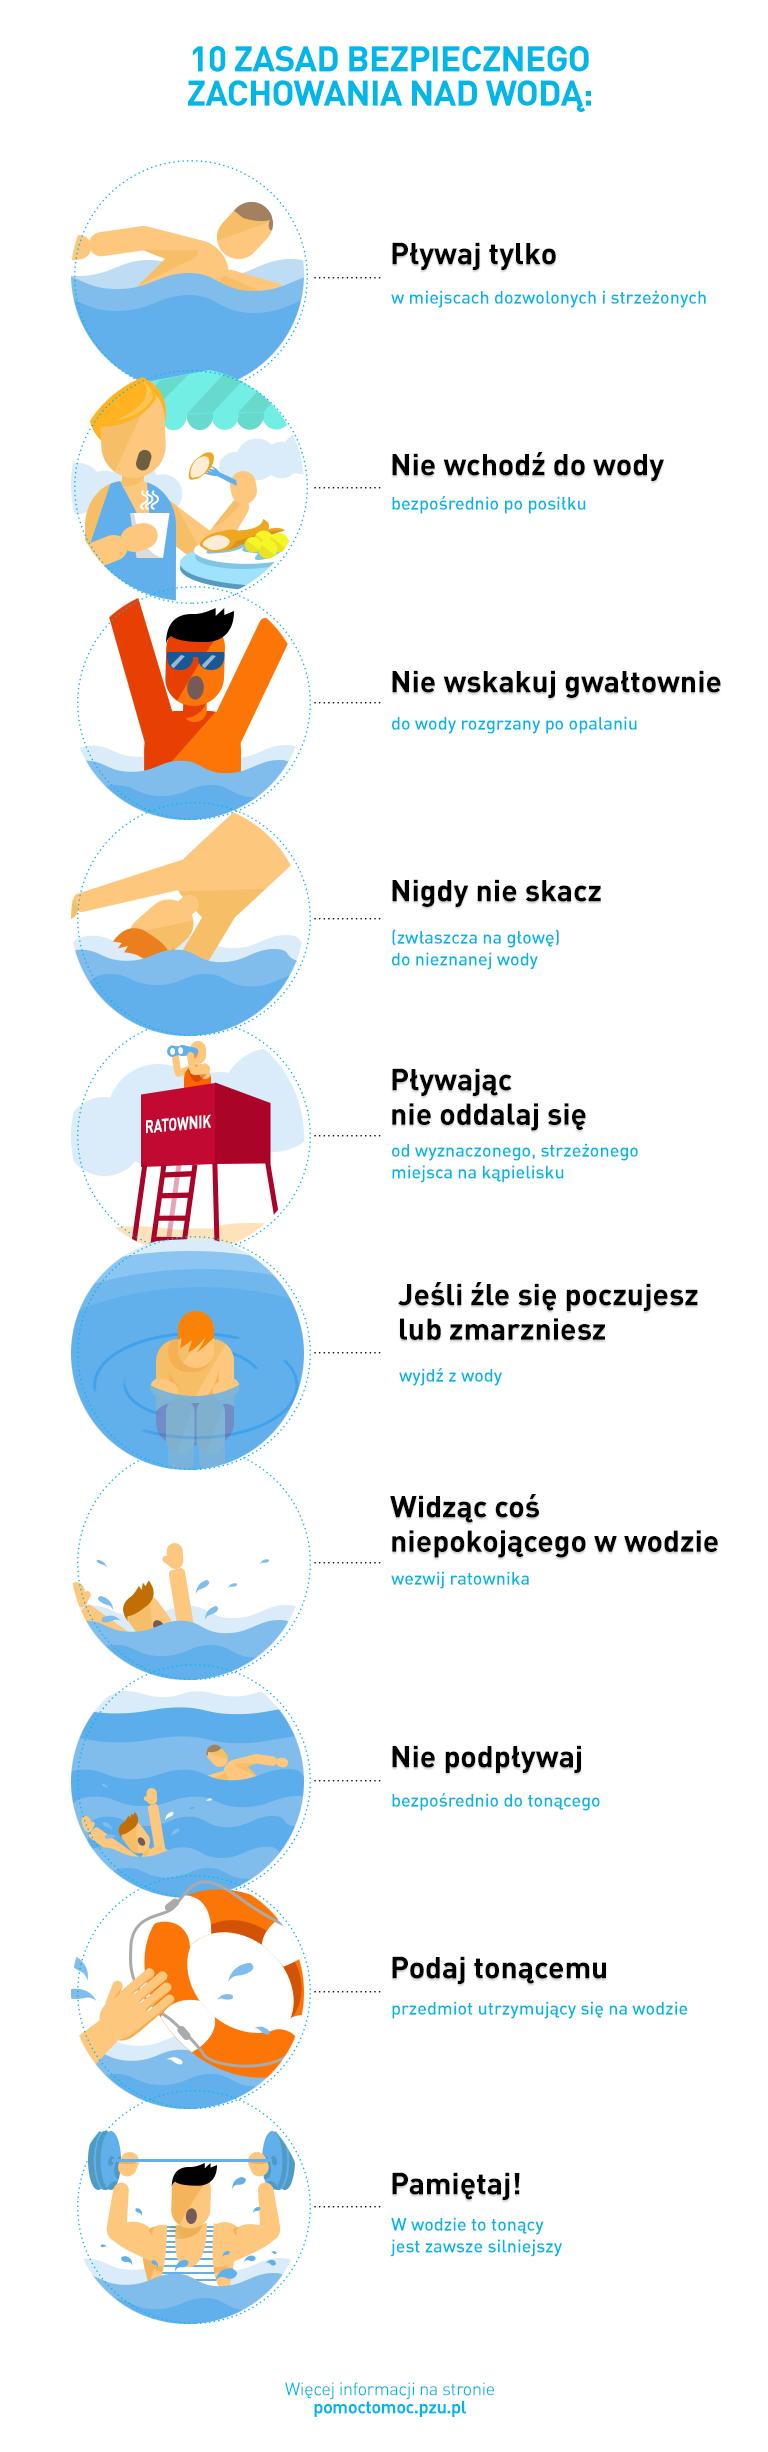 Bezpieczeństwo - Woda to nie przelewki - Pomoc to Moc - PZU